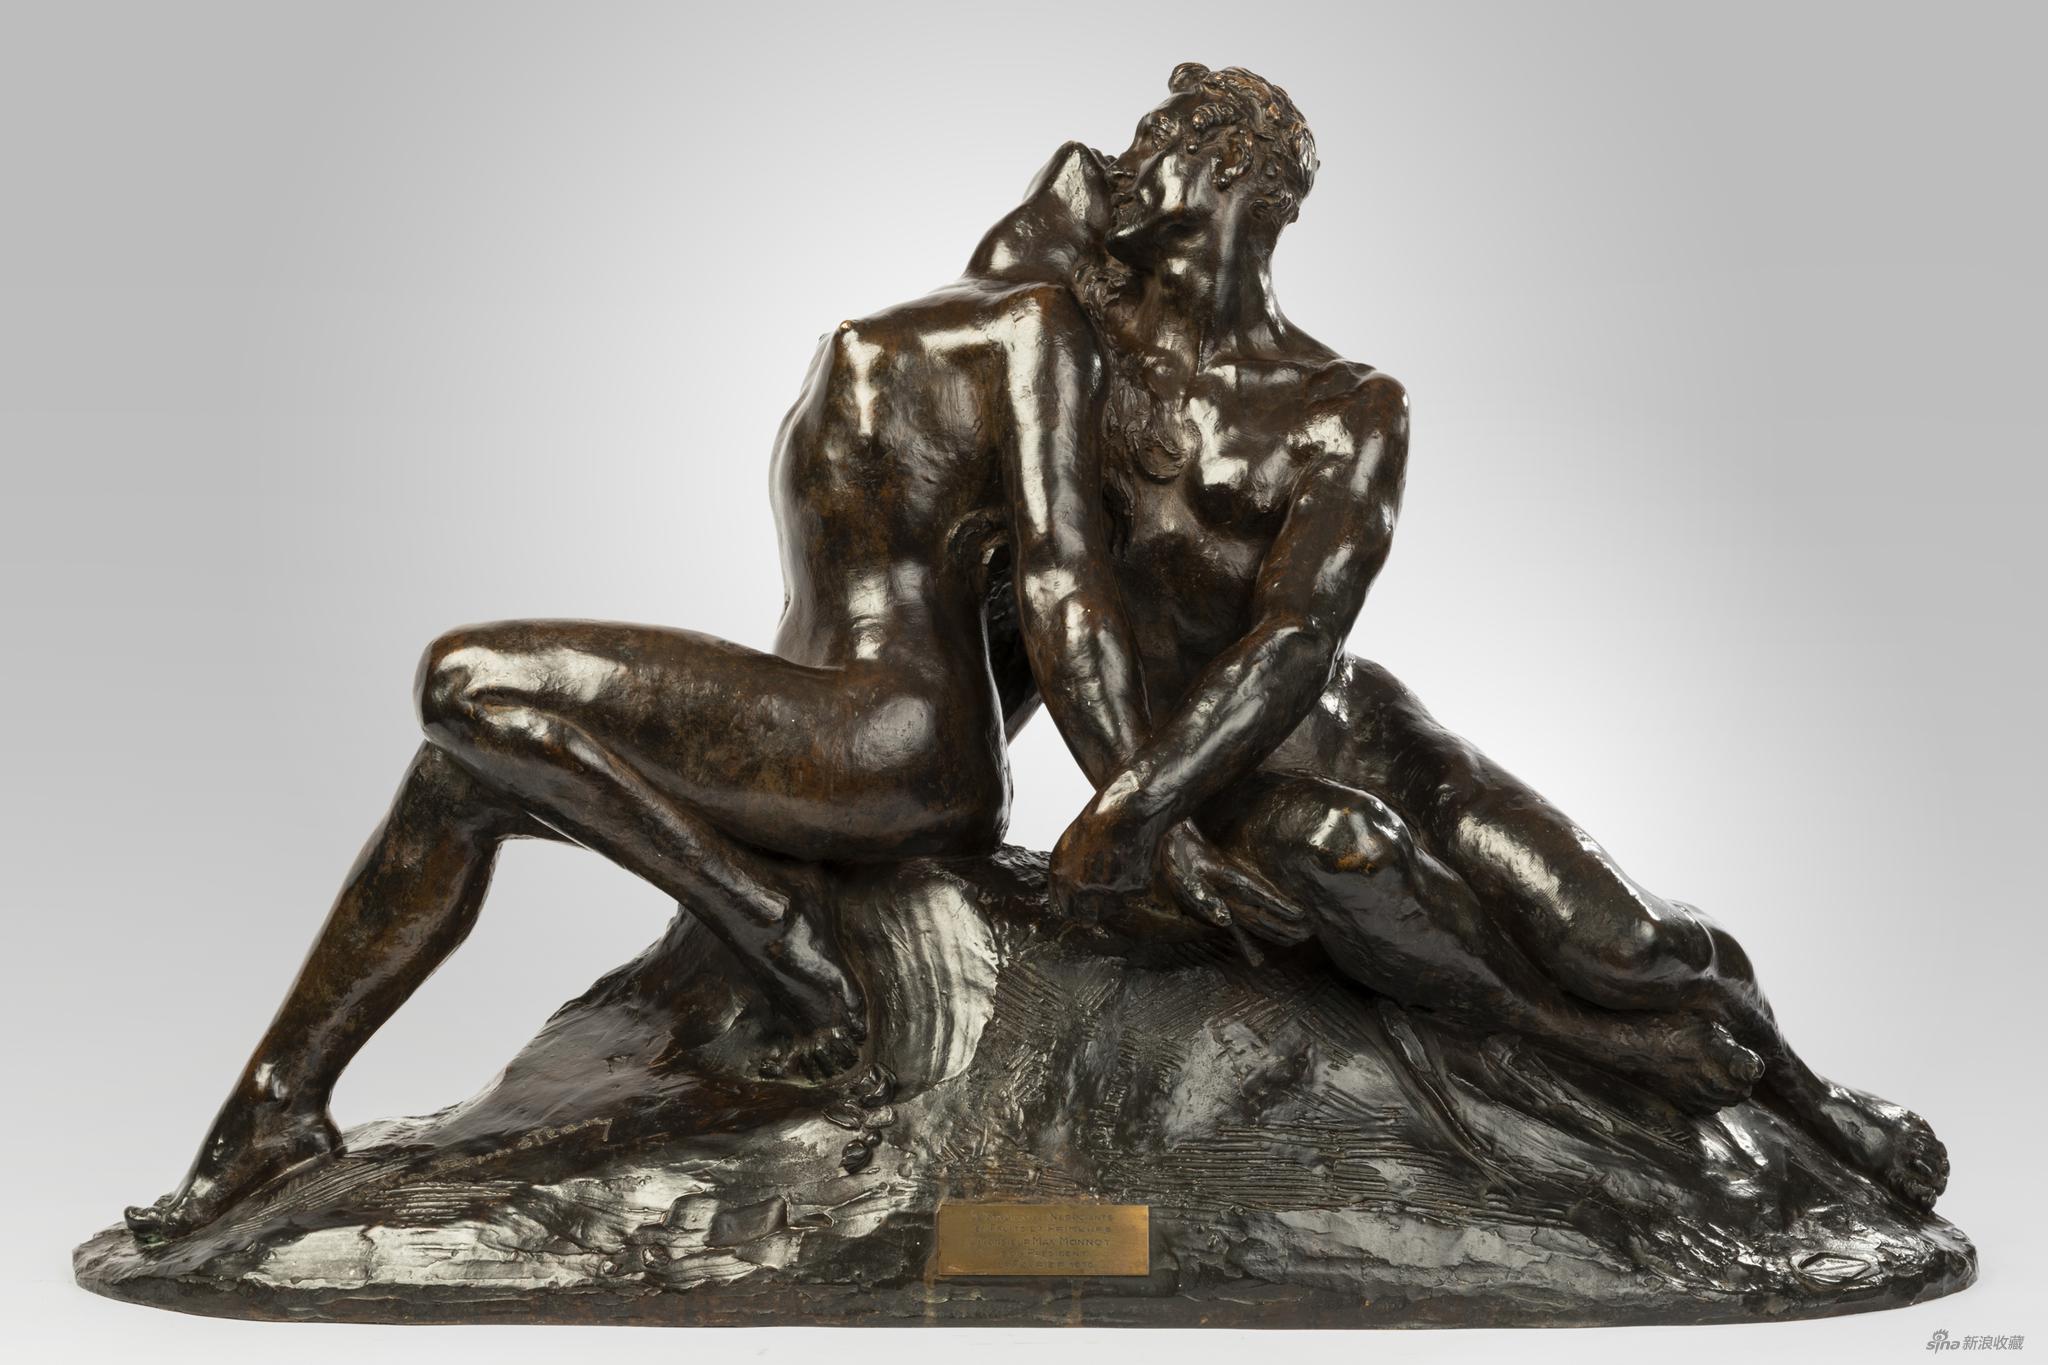 《拥抱》,棕色铜雕塑,来自反空间MiddleSpace × Galerie Collection's